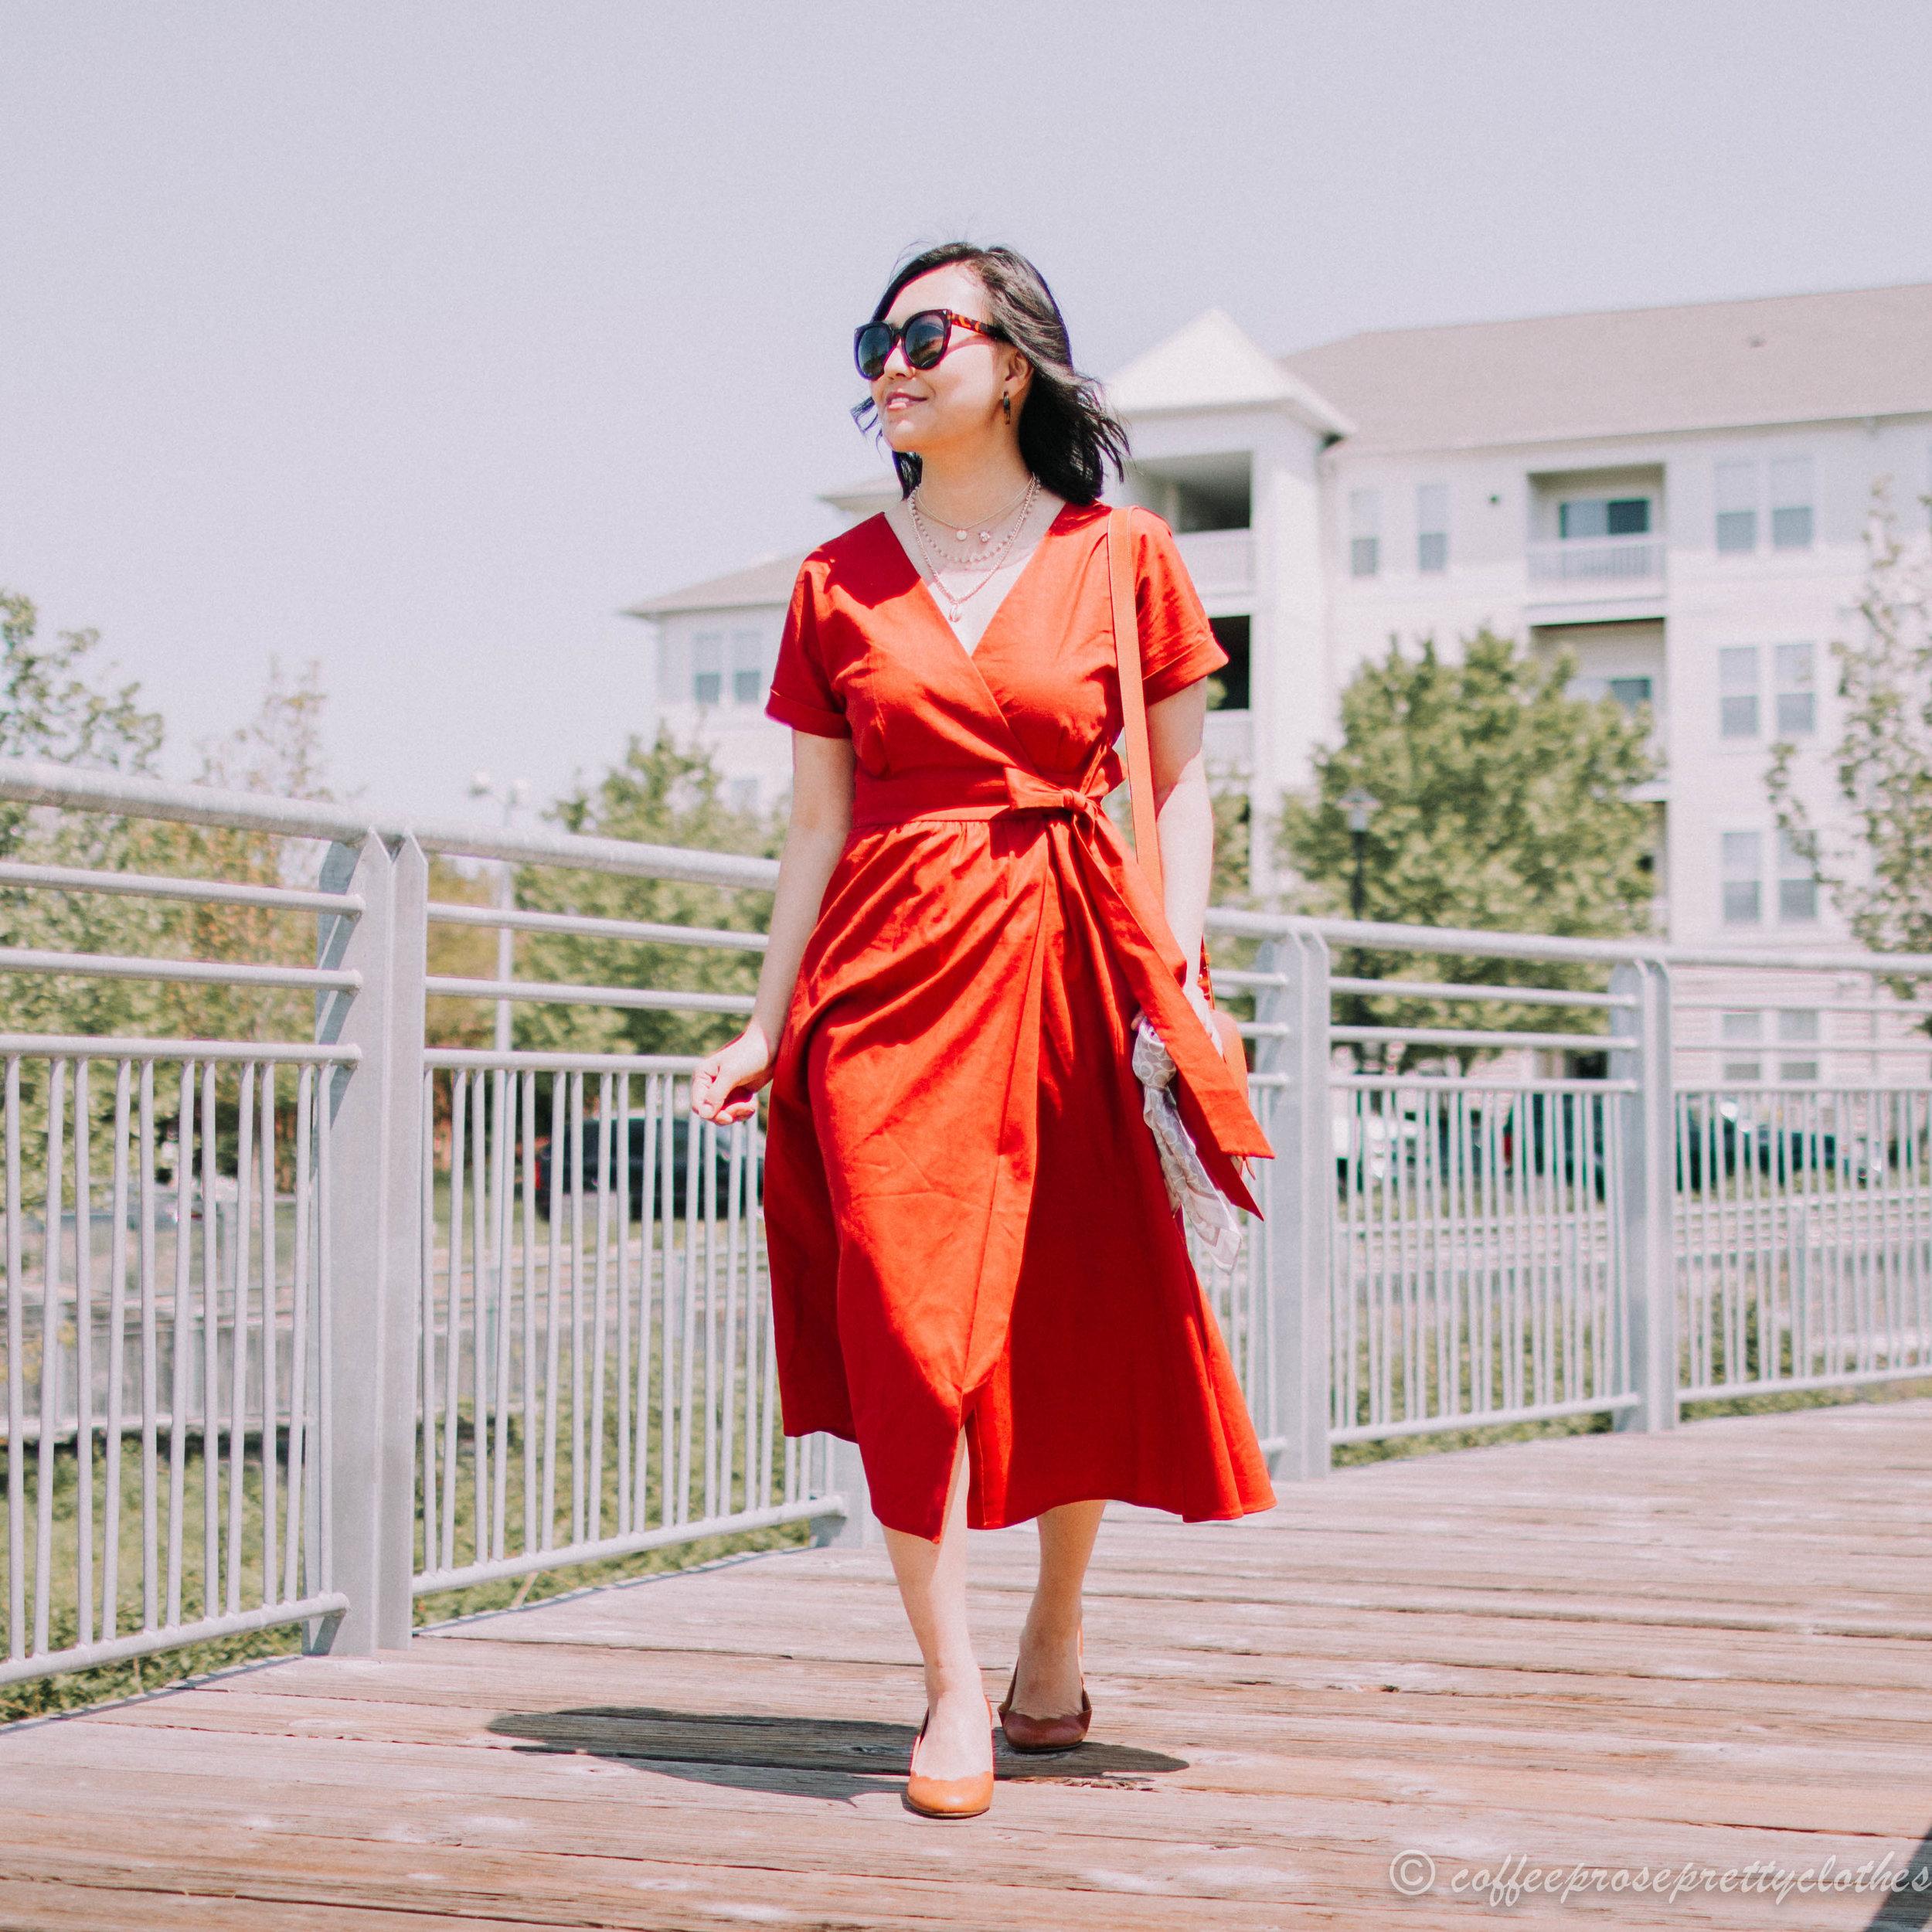 Sézane Marielle Dress and Scalloped Heels